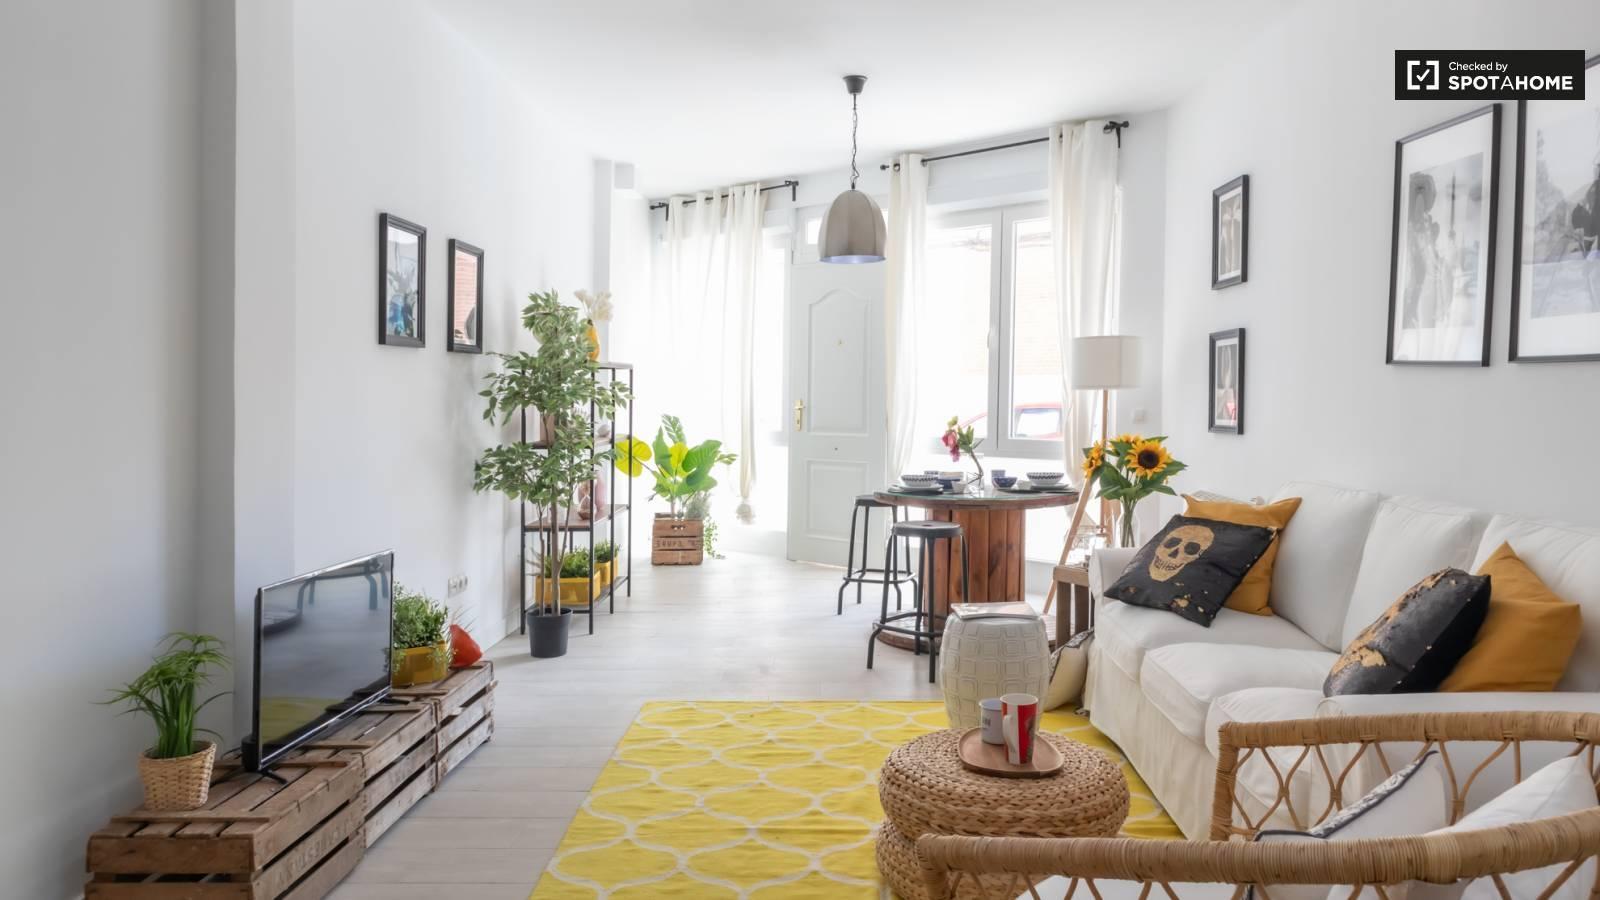 Cuarto de sala con muebles de madera  Descripción generada automáticamente